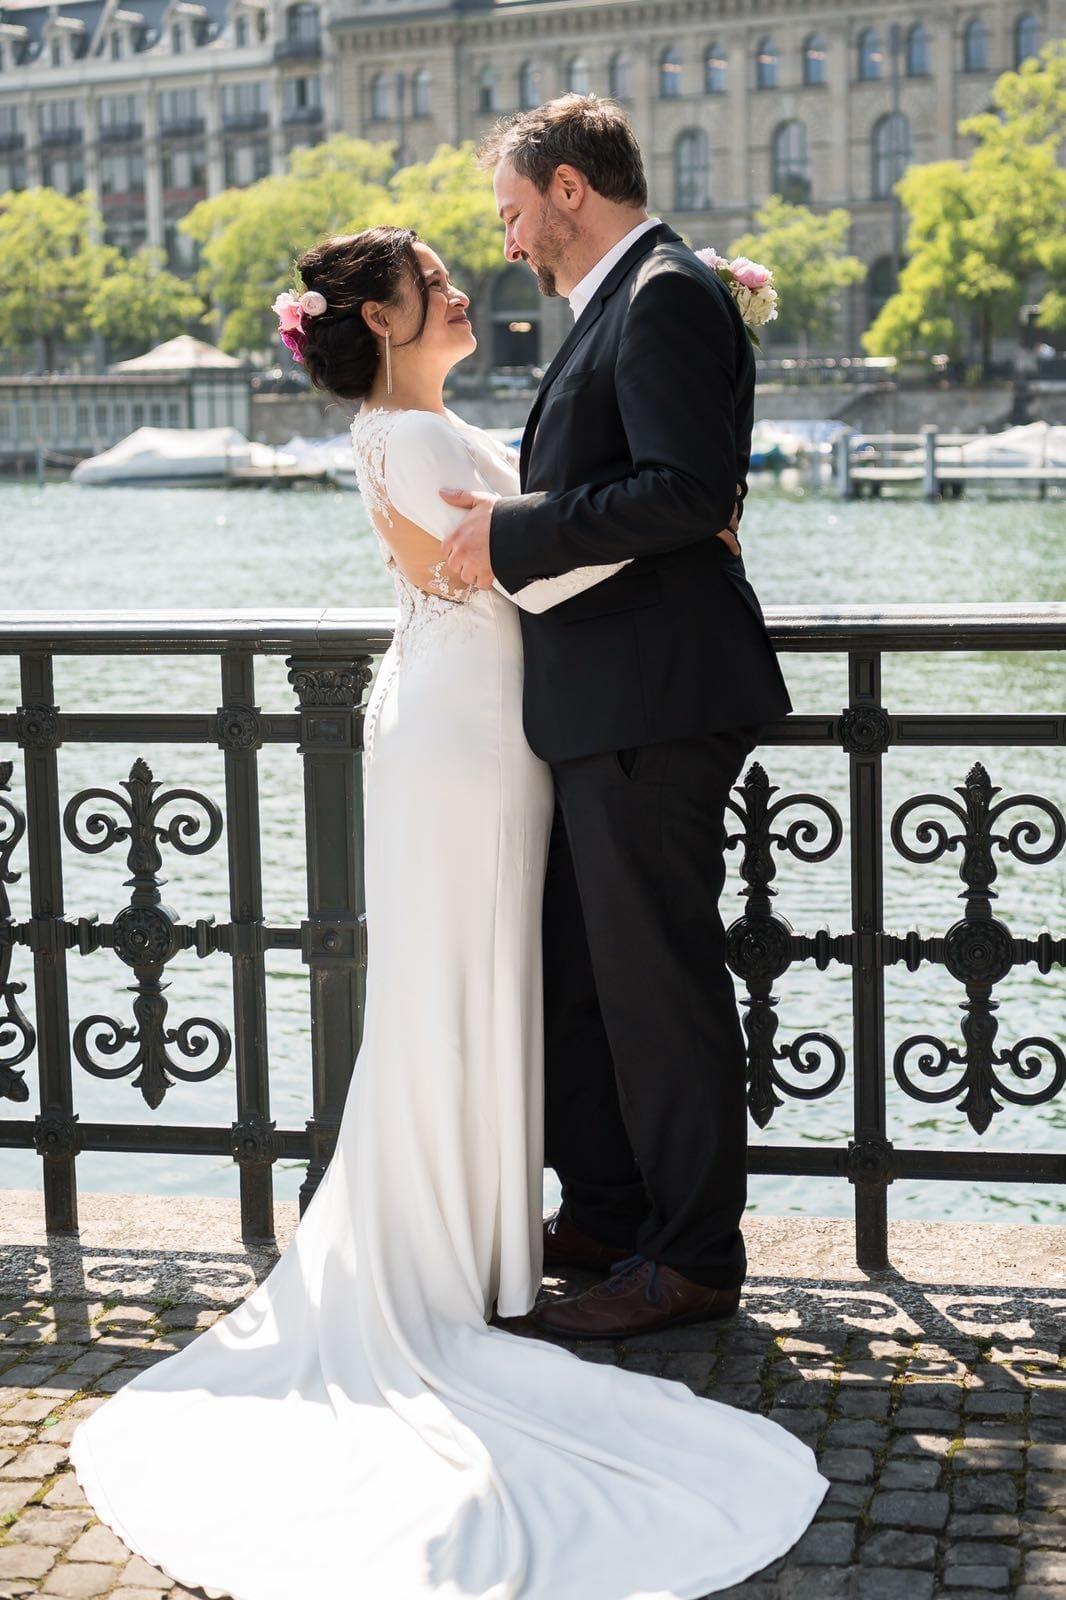 Intro-Bild mit Xuân-Minh & John als Hochzeitspaar - 1 Tag bevor die Royal Wedding Zitronen-Holunderblüten-Torte serviert wurde